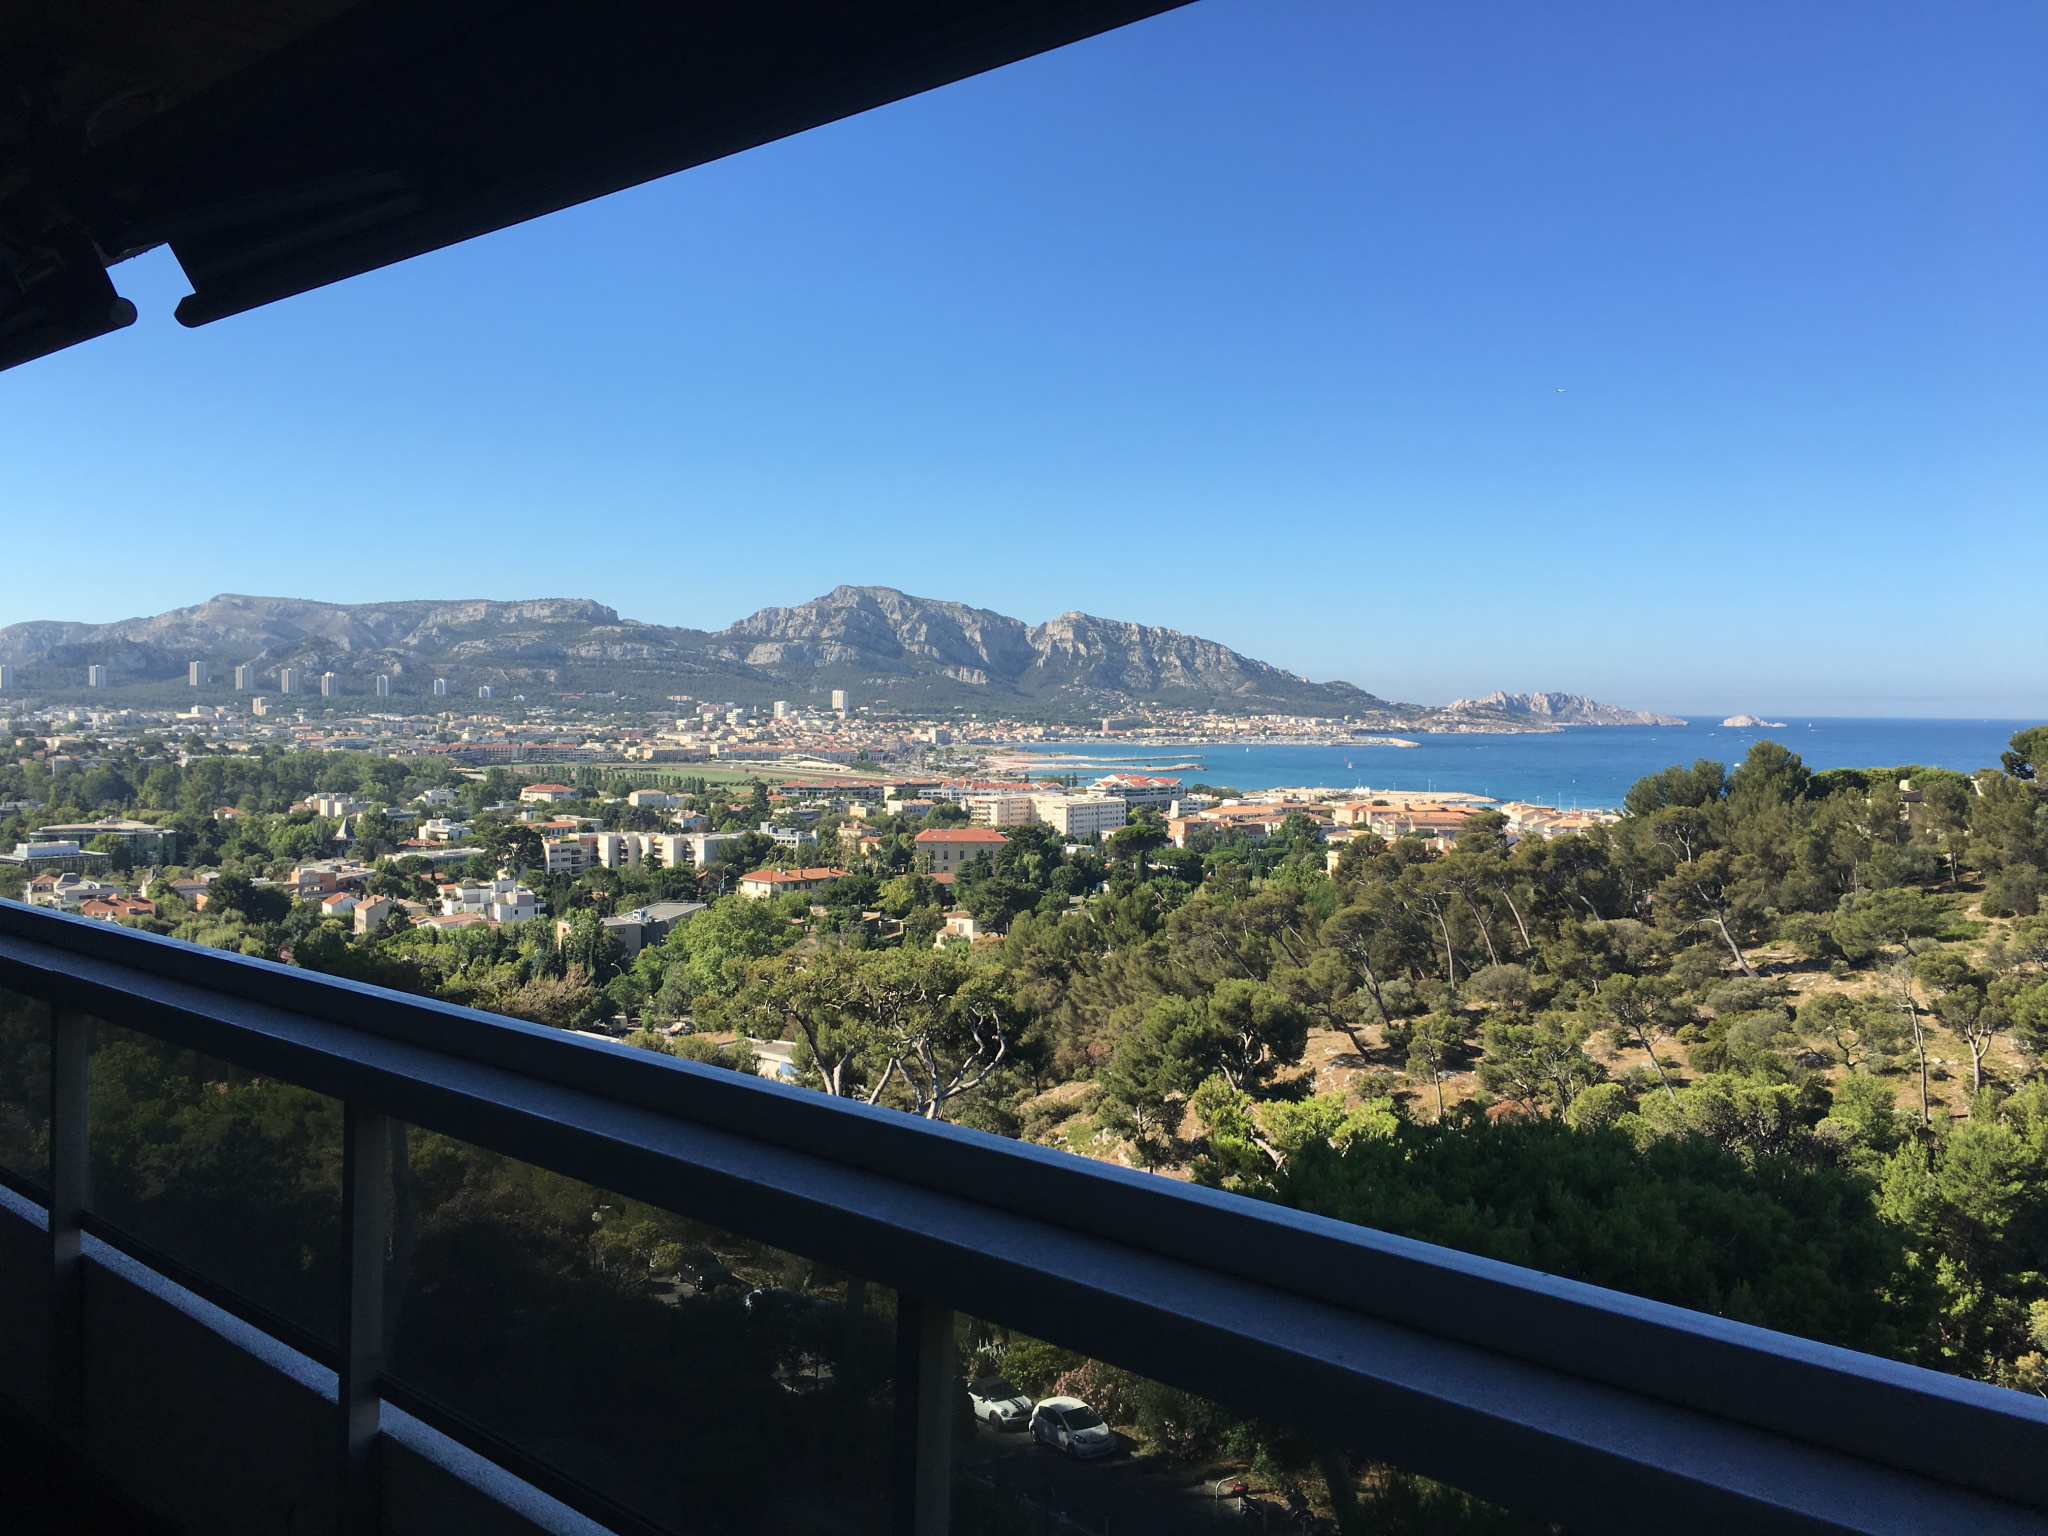 Vente appartements et maisons marseille 13007 13008 for Appartement 13006 terrasse